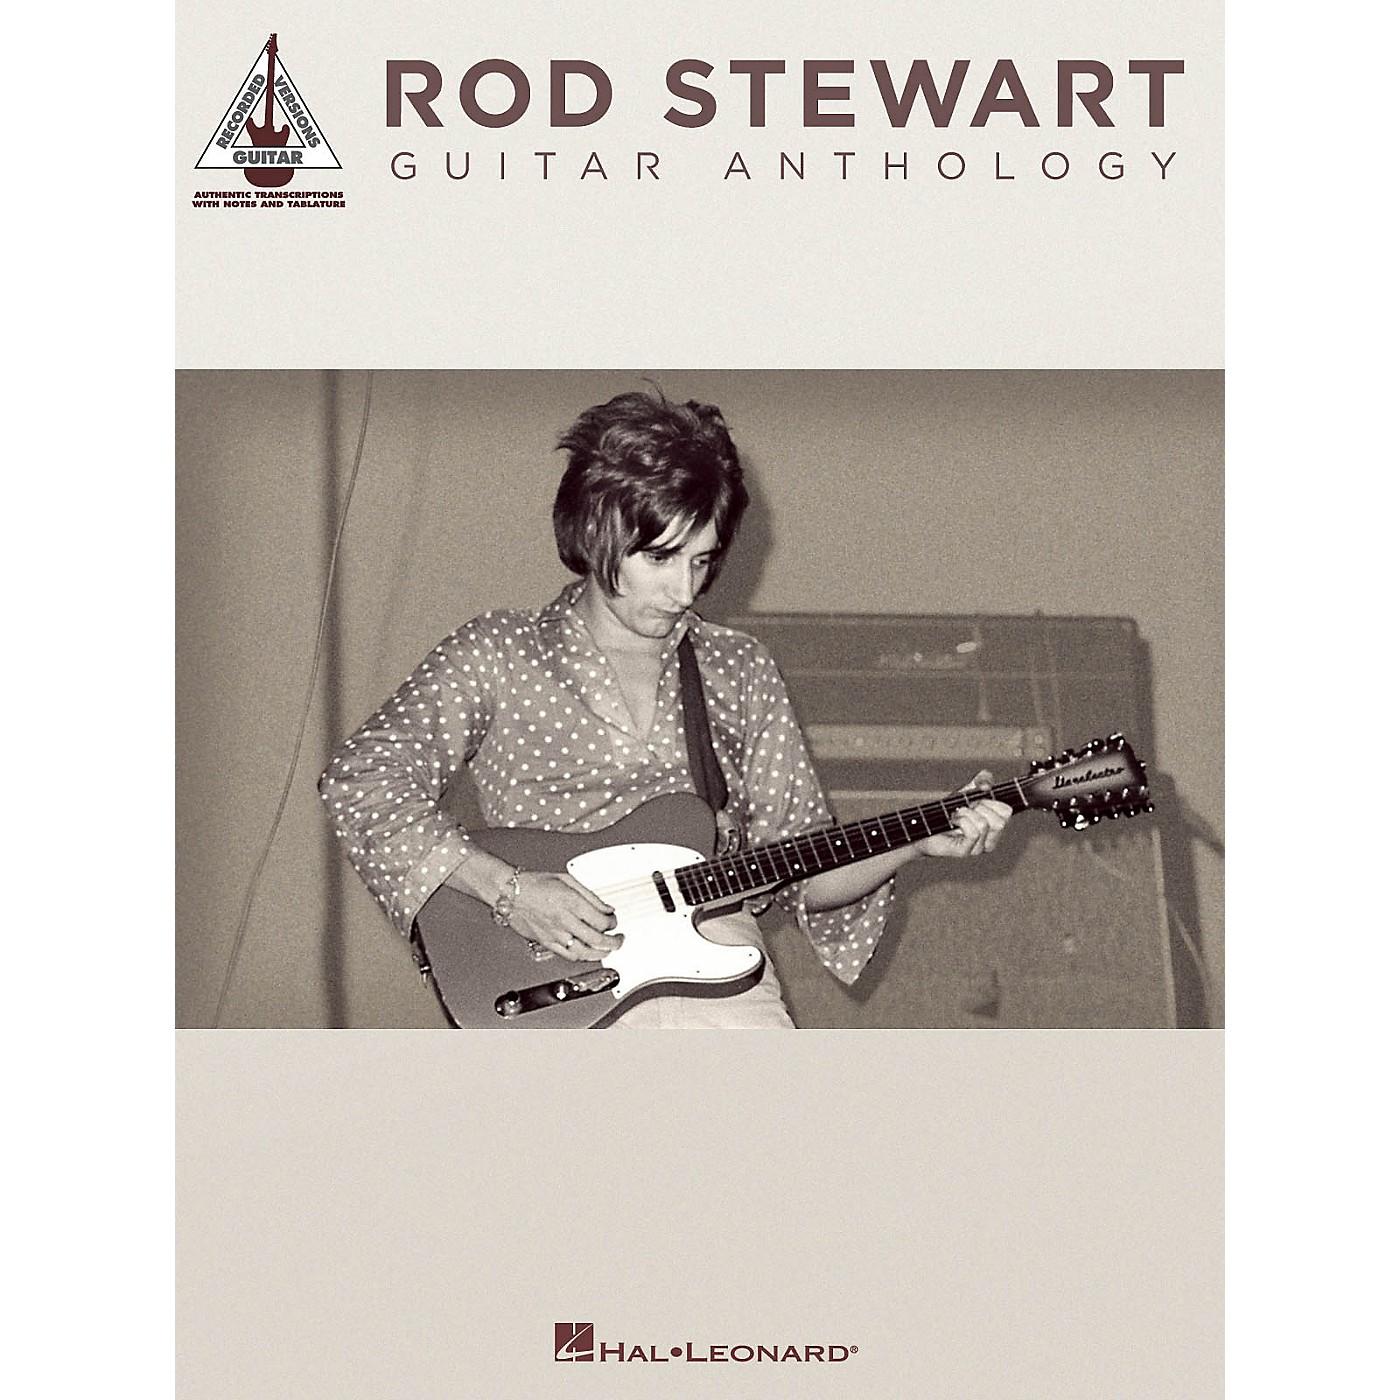 Hal Leonard Rod Stewart Guitar Anthology Guitar Tab Songbook thumbnail